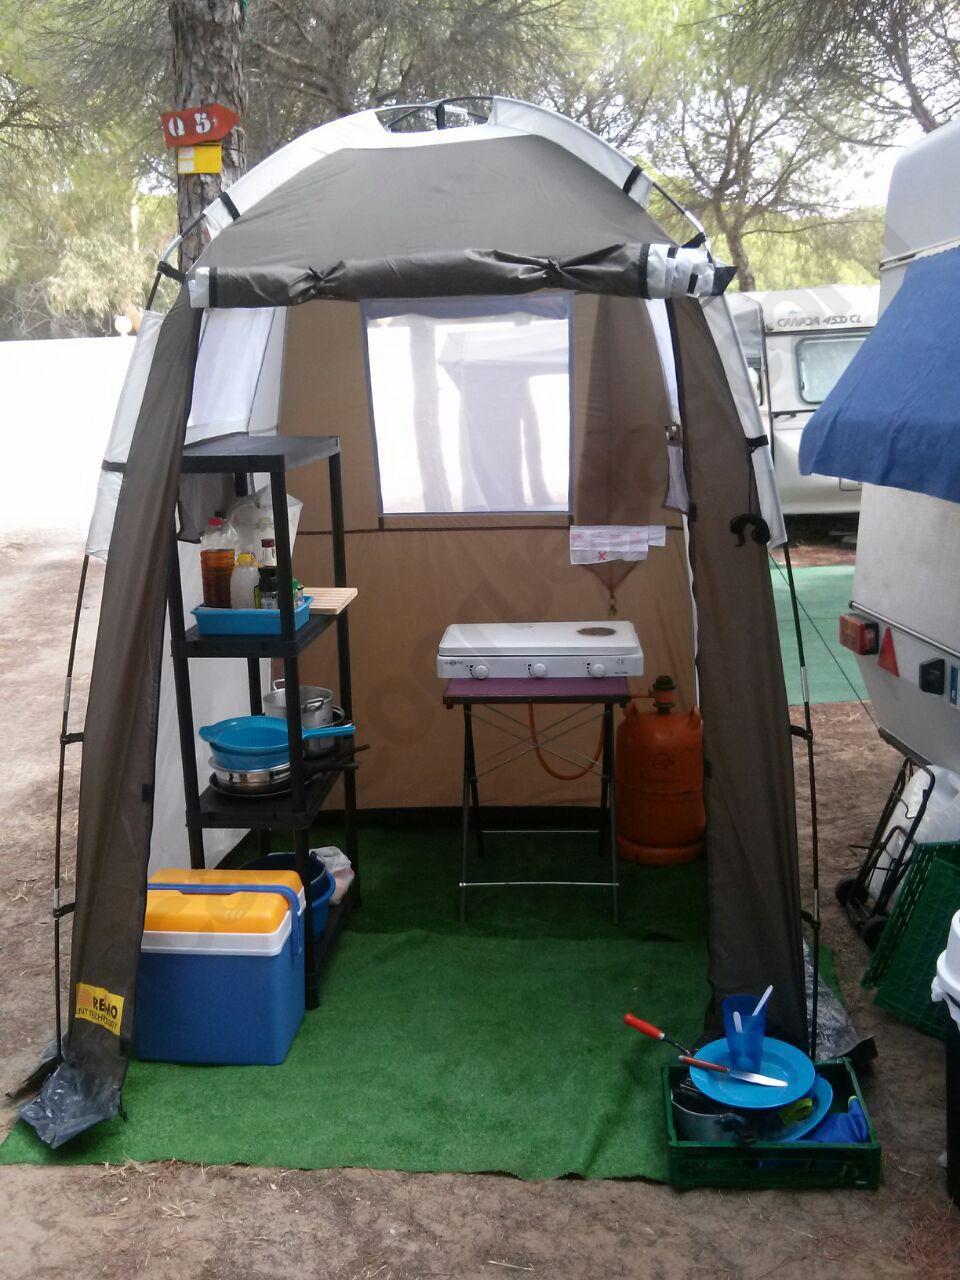 Tienda cocina camping multiusos marc 150 x 150 - Muebles de cocina camping ...